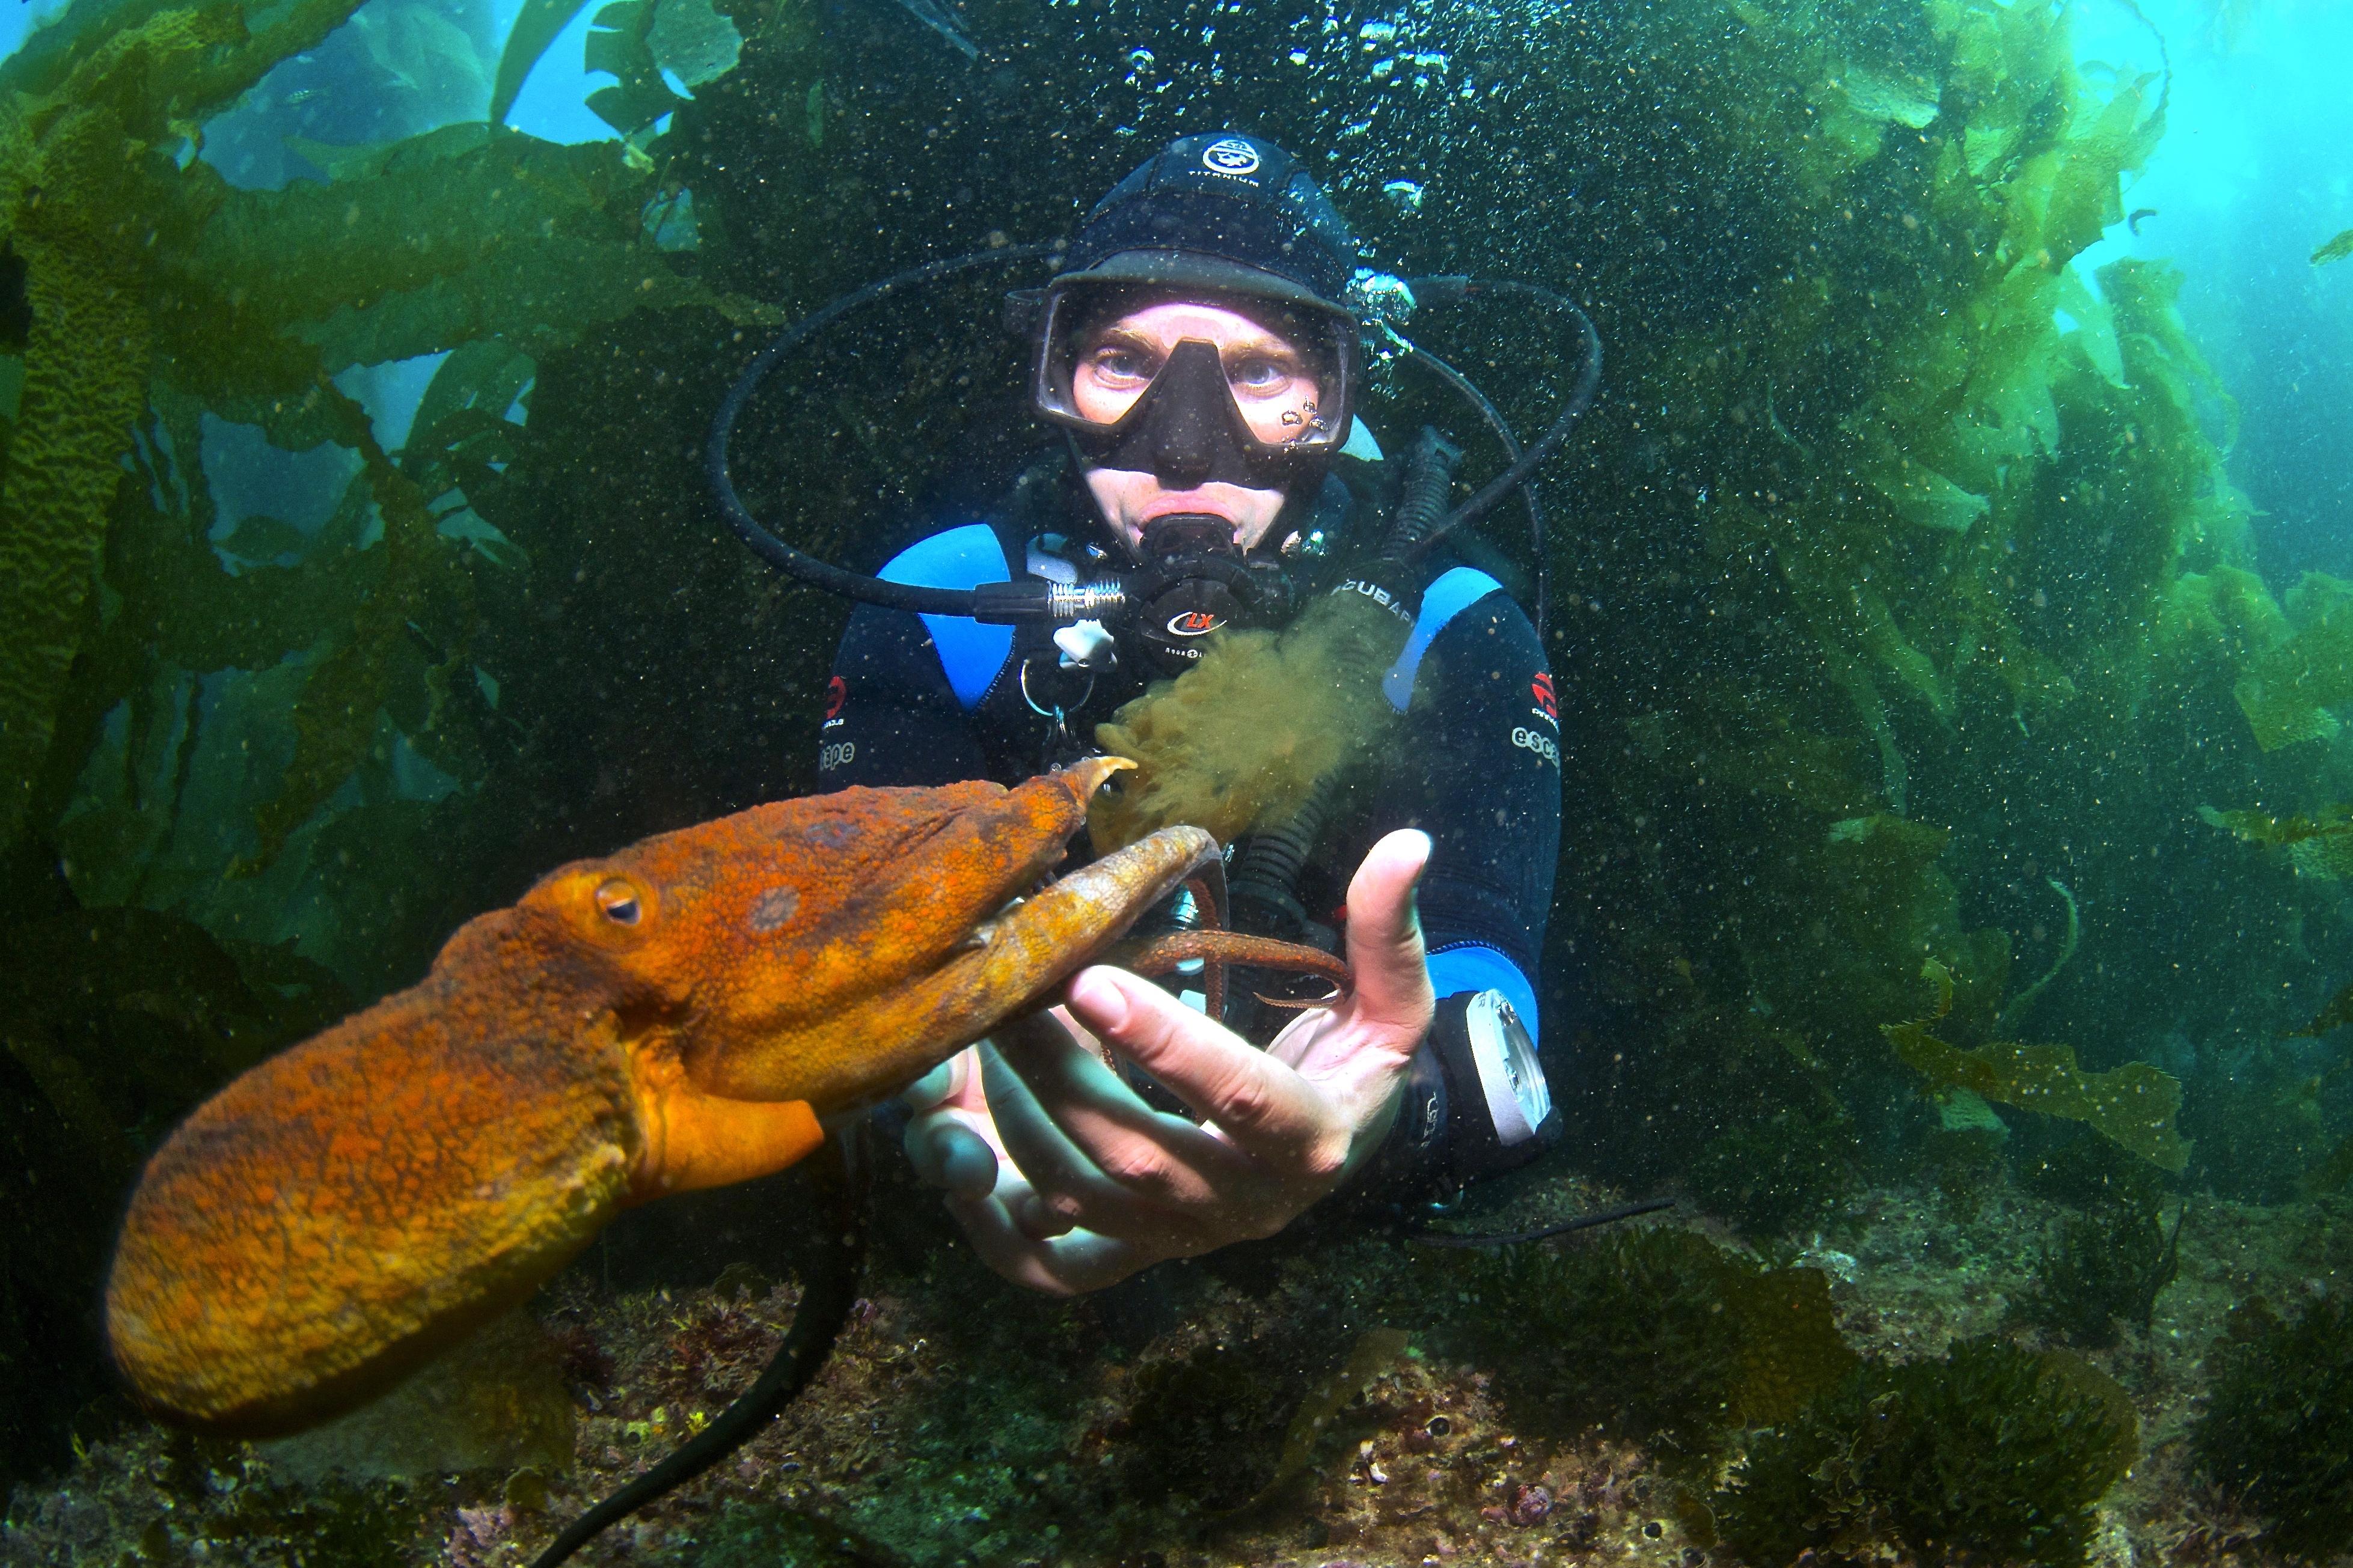 Occtopus Archives - Birch Aquarium Blog